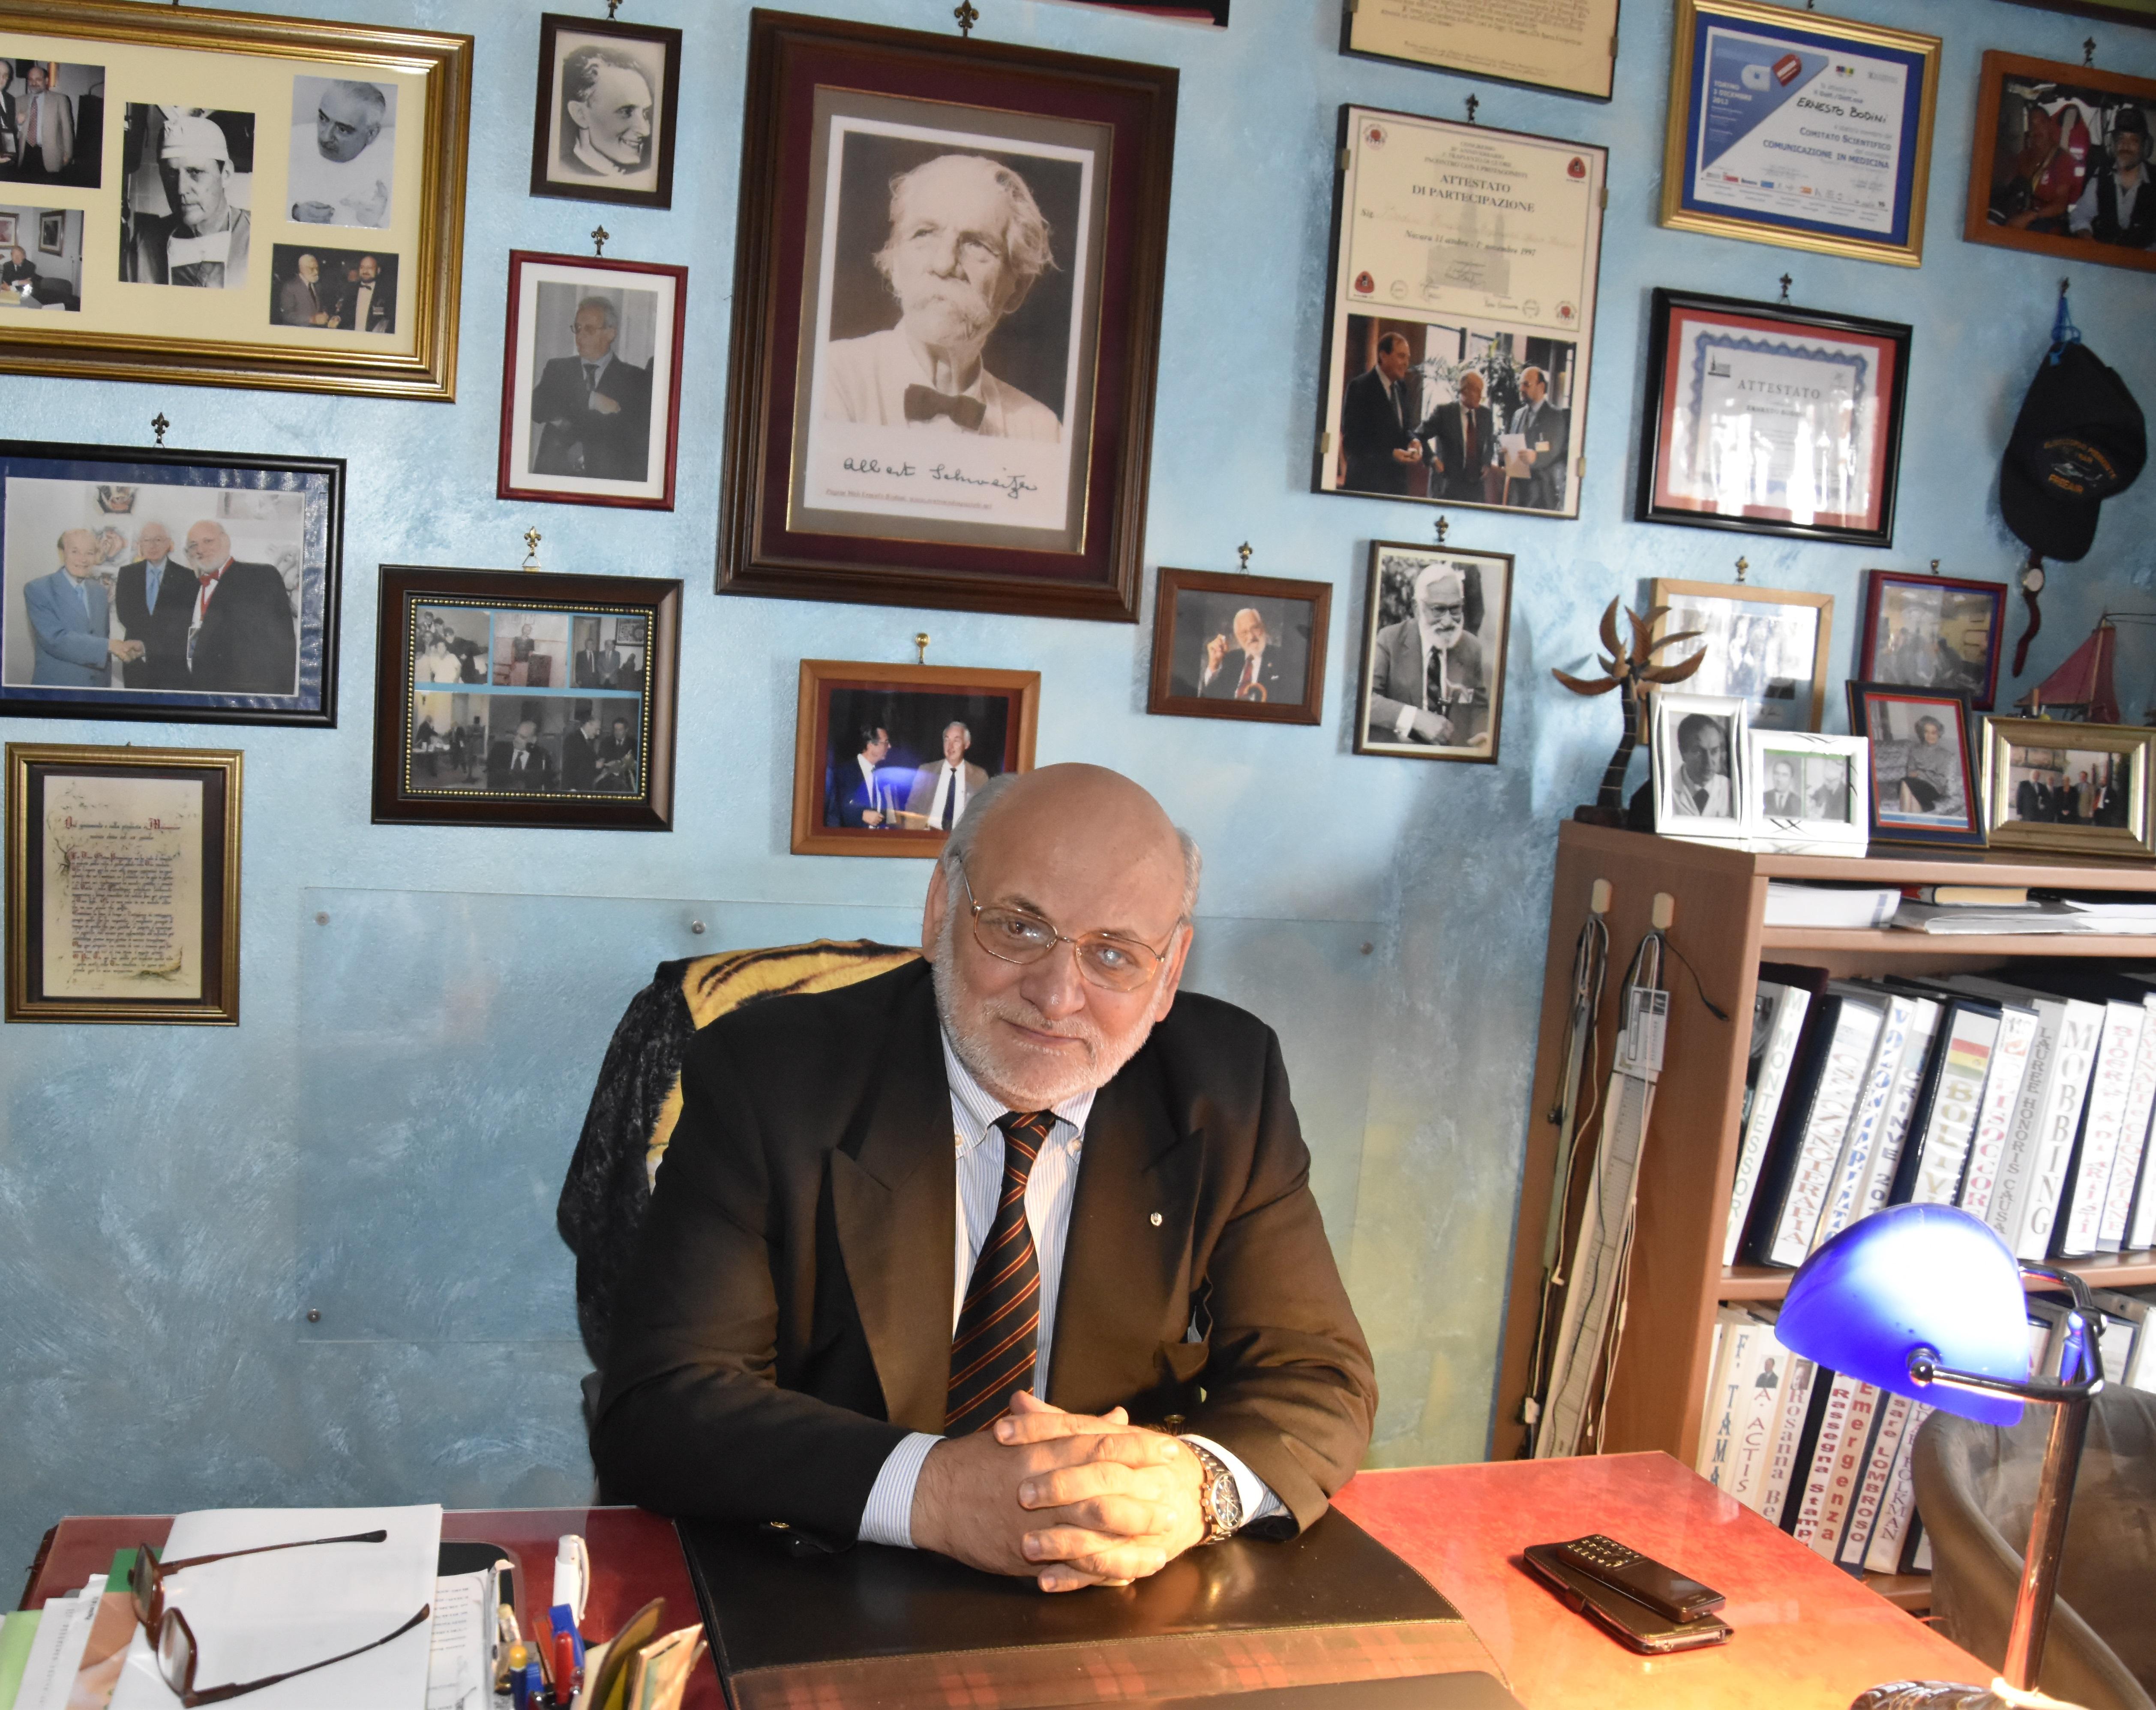 Lettera aperta al Presidente della Repubblica italiana Sergio Mattarella garante del rispetto della Costituzione